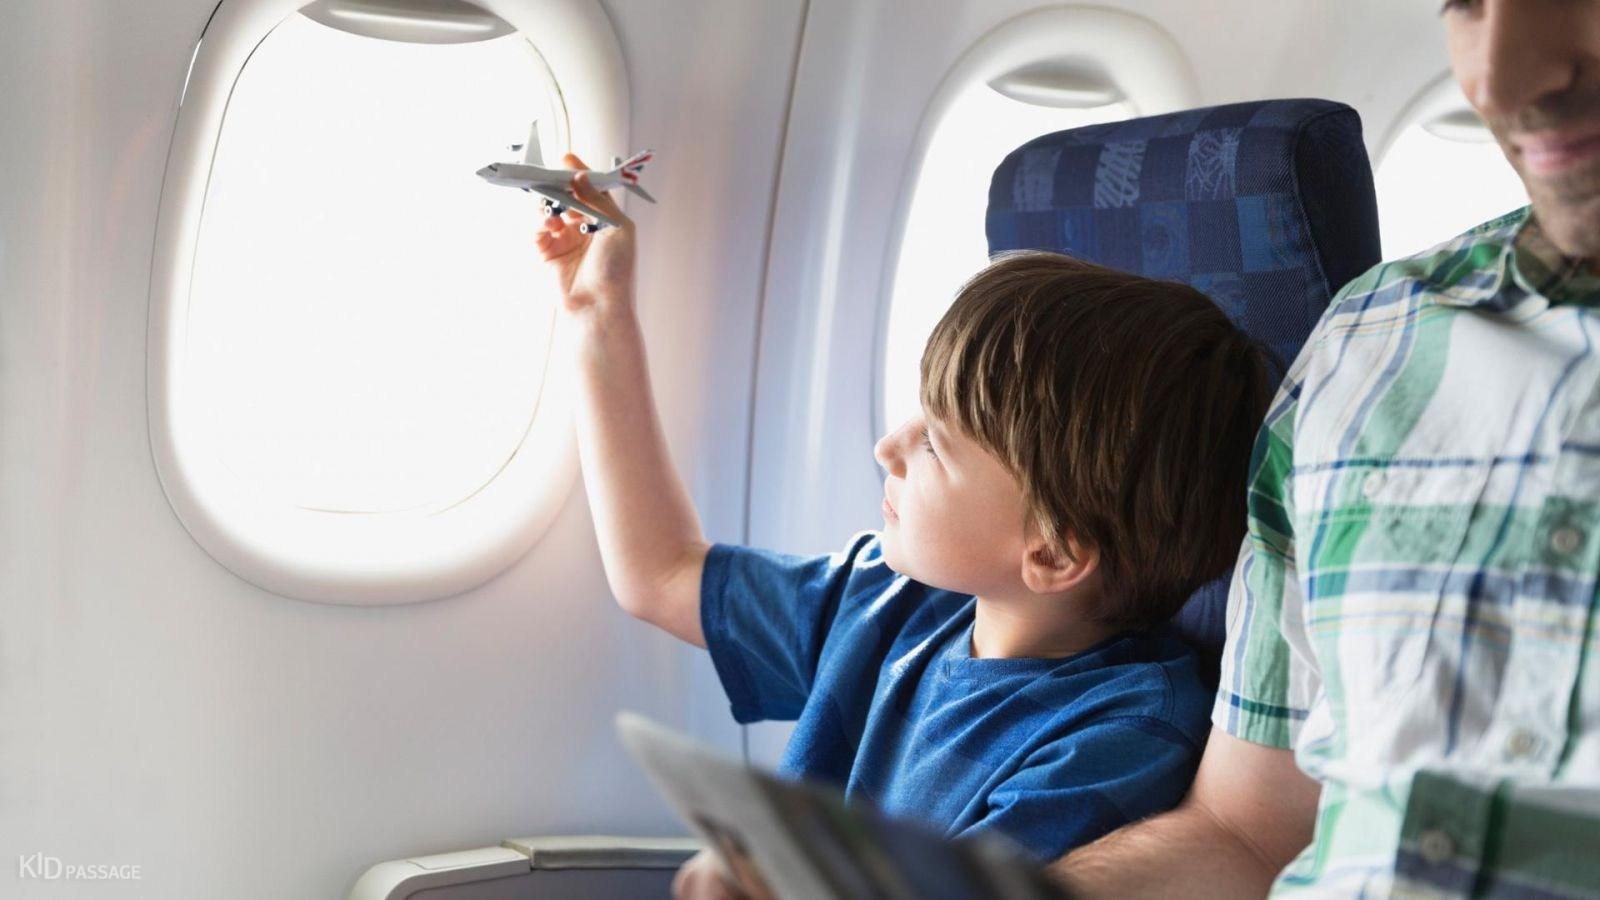 Галка рекомендує: як не захворіти у літаку